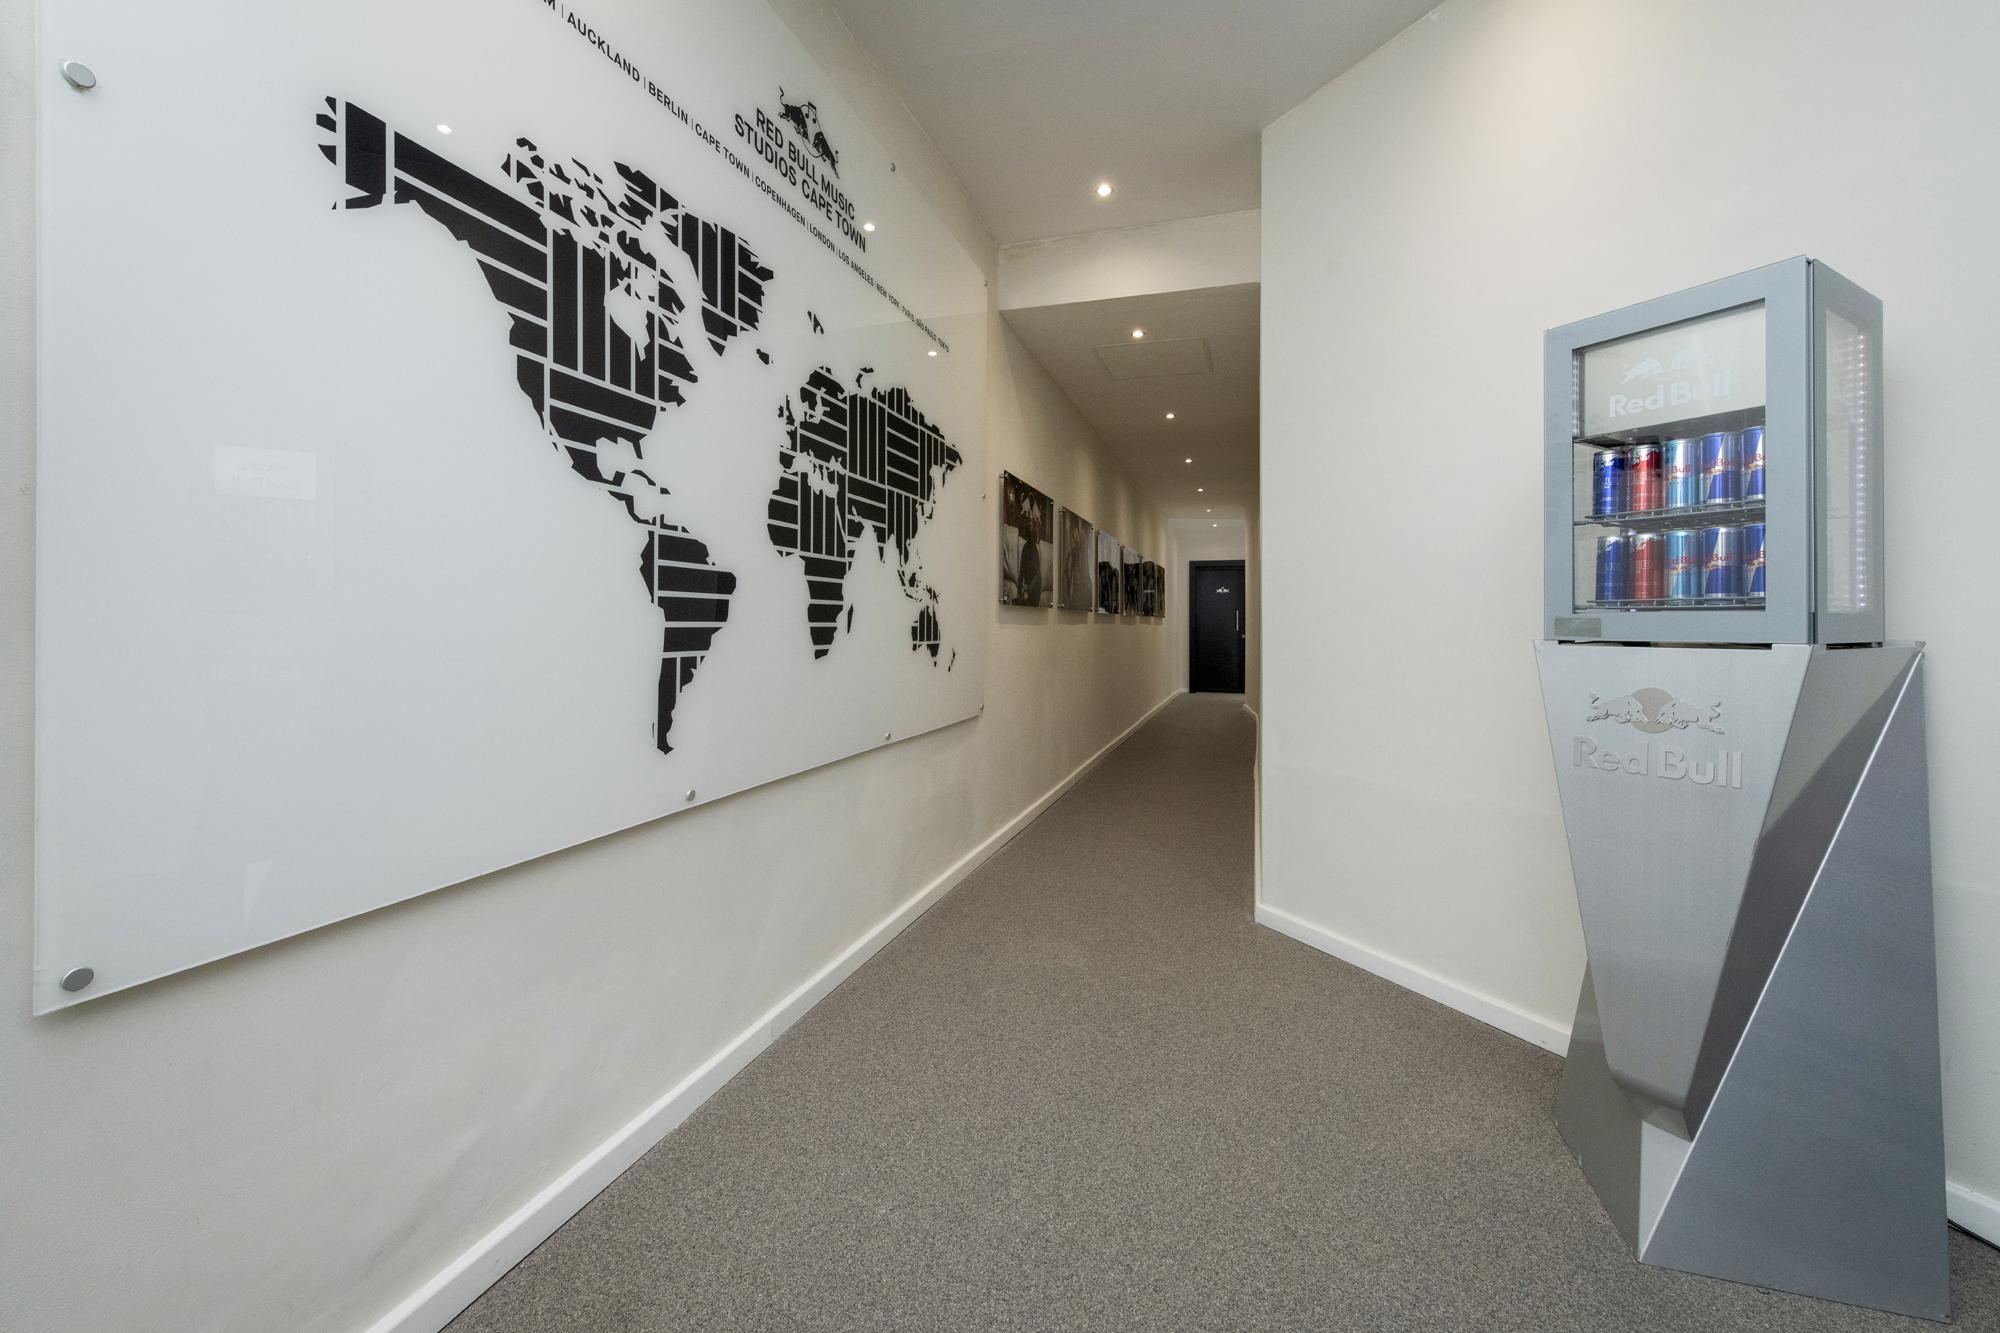 Studio_ Corridor.jpg